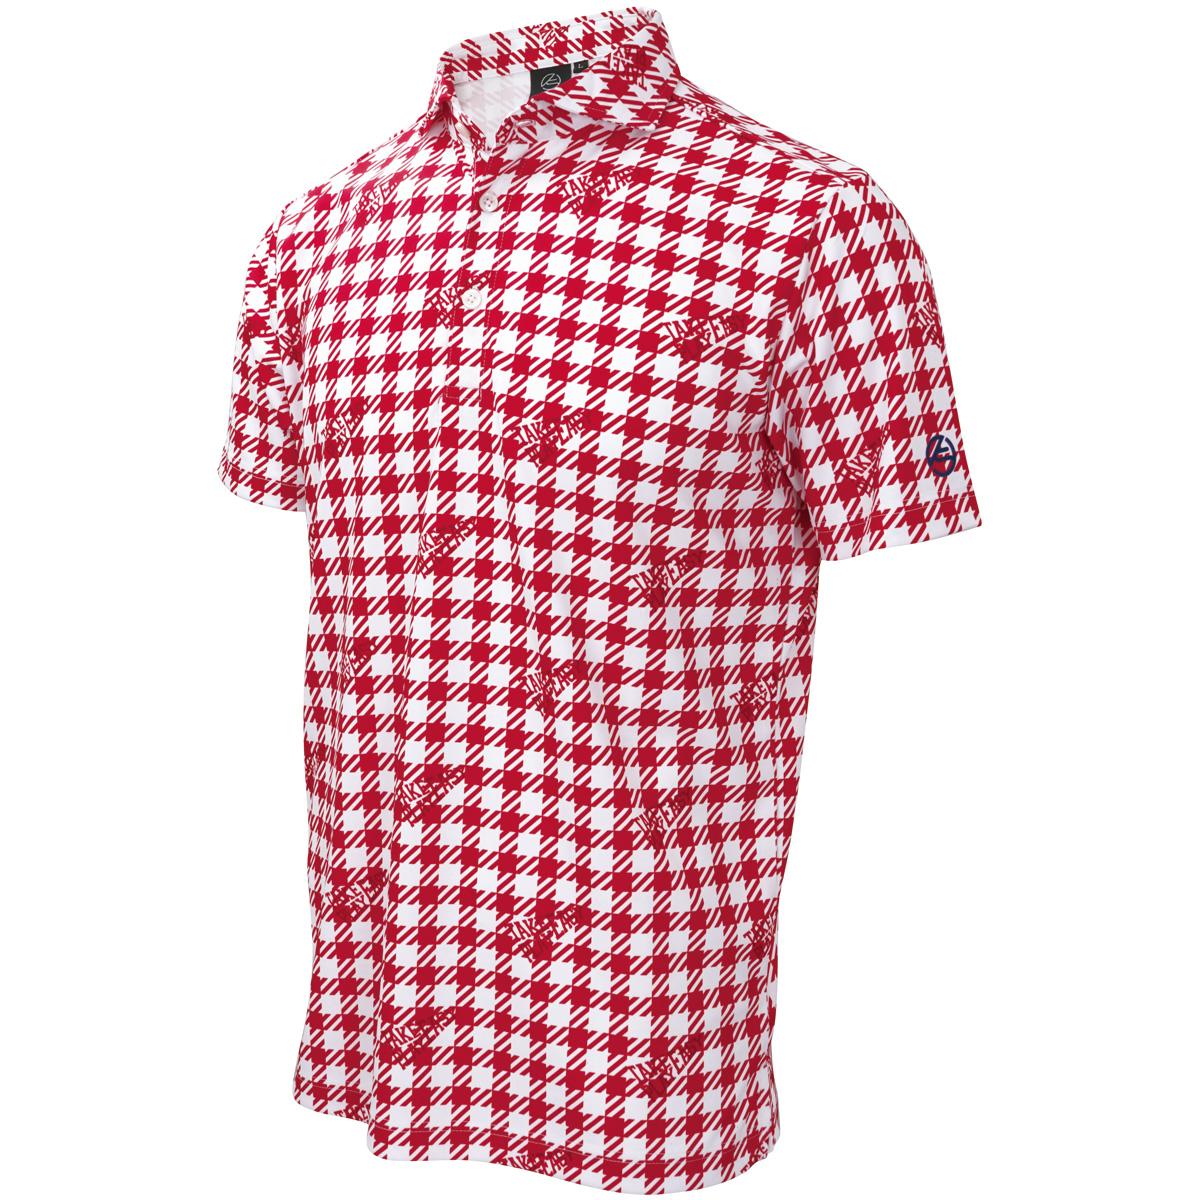 ギンガム半袖ポロシャツ